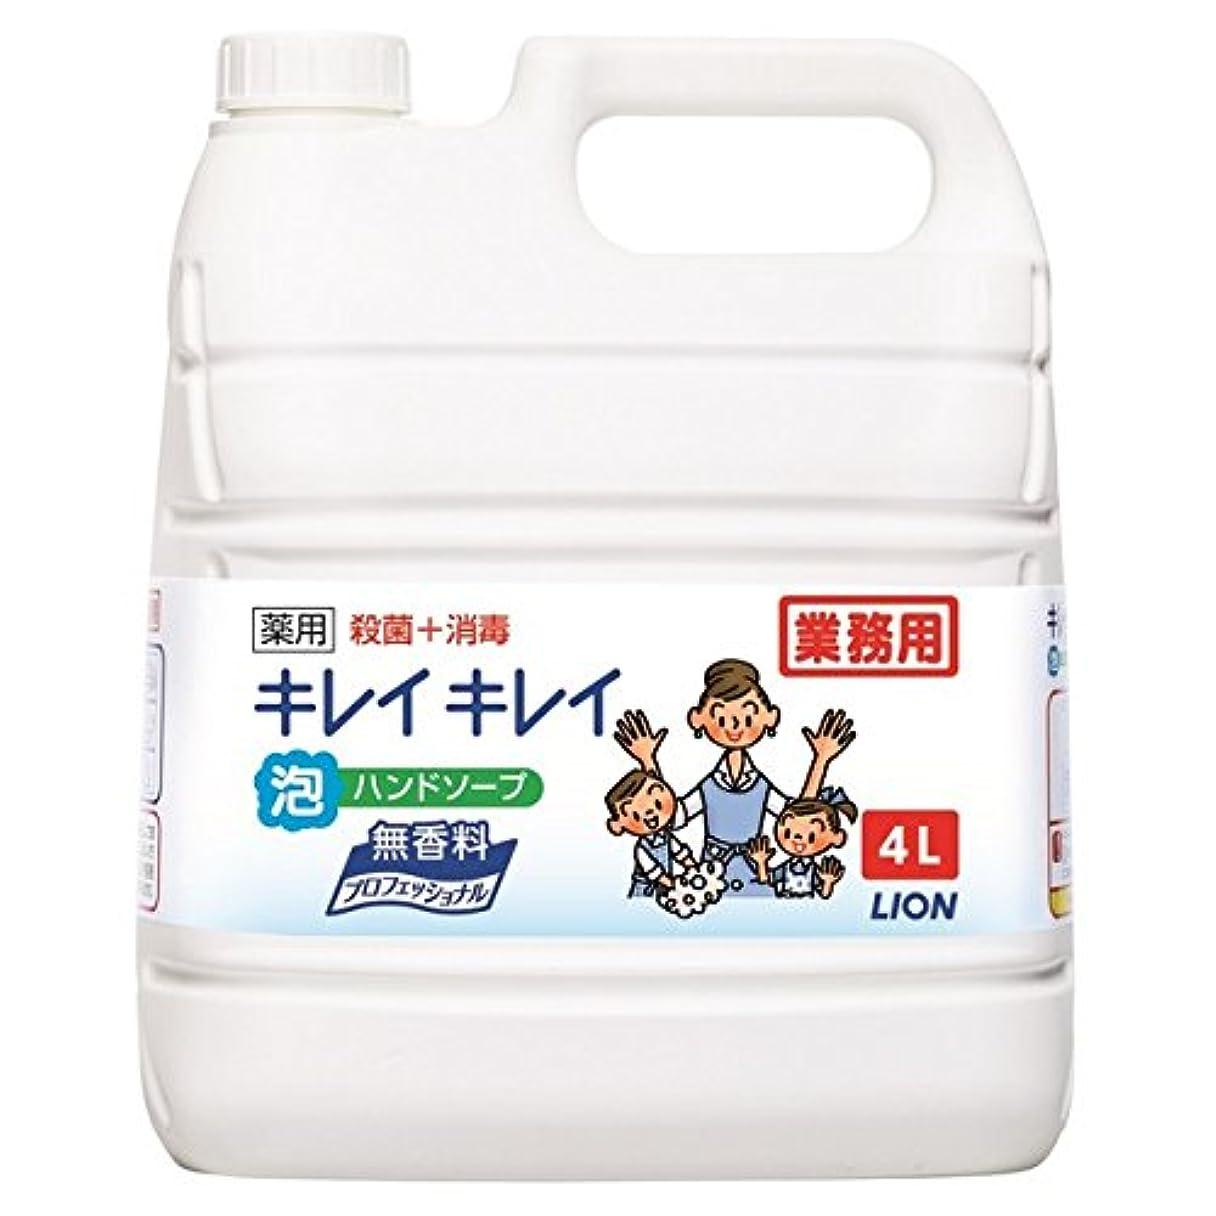 アコード自治的谷ライオン キレイキレイ薬用泡ハンドソープ 無香料 4L×3本入